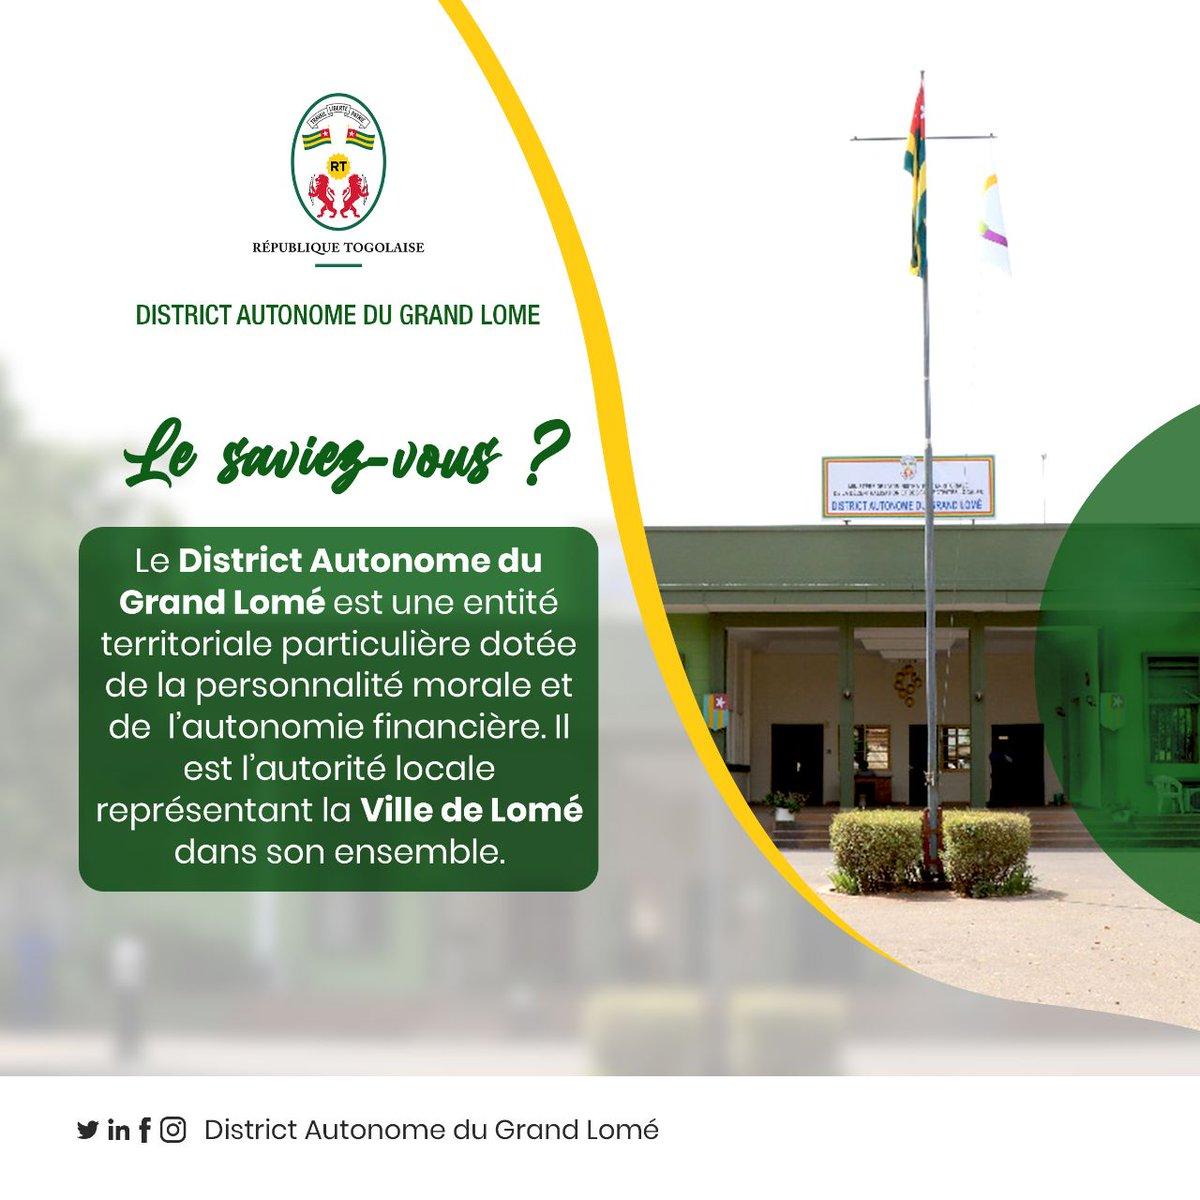 #LE_SAVIEZ_VOUS ?  Le District Autonome du Grand Lomé est une entité territoriale particulière dotée de la personnalité morale et de l'autonomie financière.  Il est l'autorité locale représentant la ville de Lomé dans son ensemble.   #DAGL #GrandLomé https://t.co/uZFse03hIo